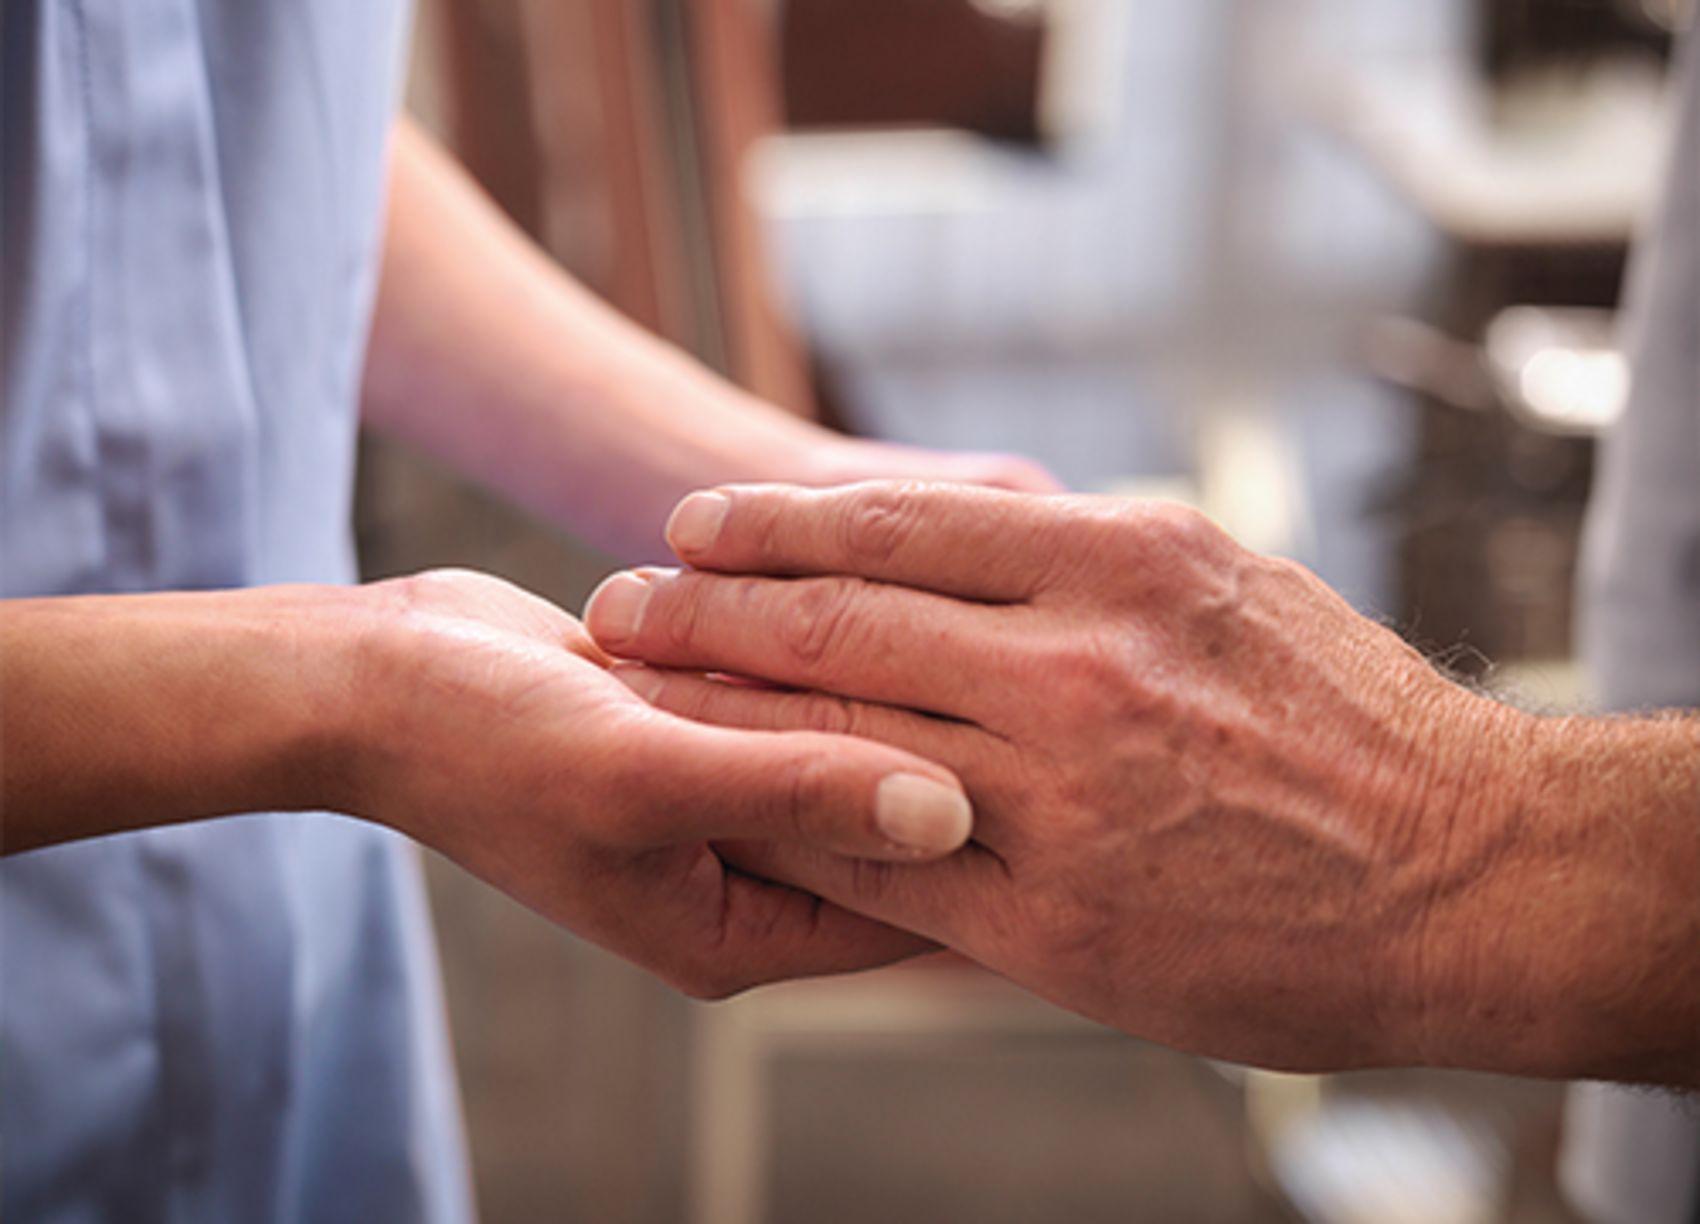 Det trengs flere varme hender i omsorgen i framtiden. En pleier holder i hendene til en eldre mann.